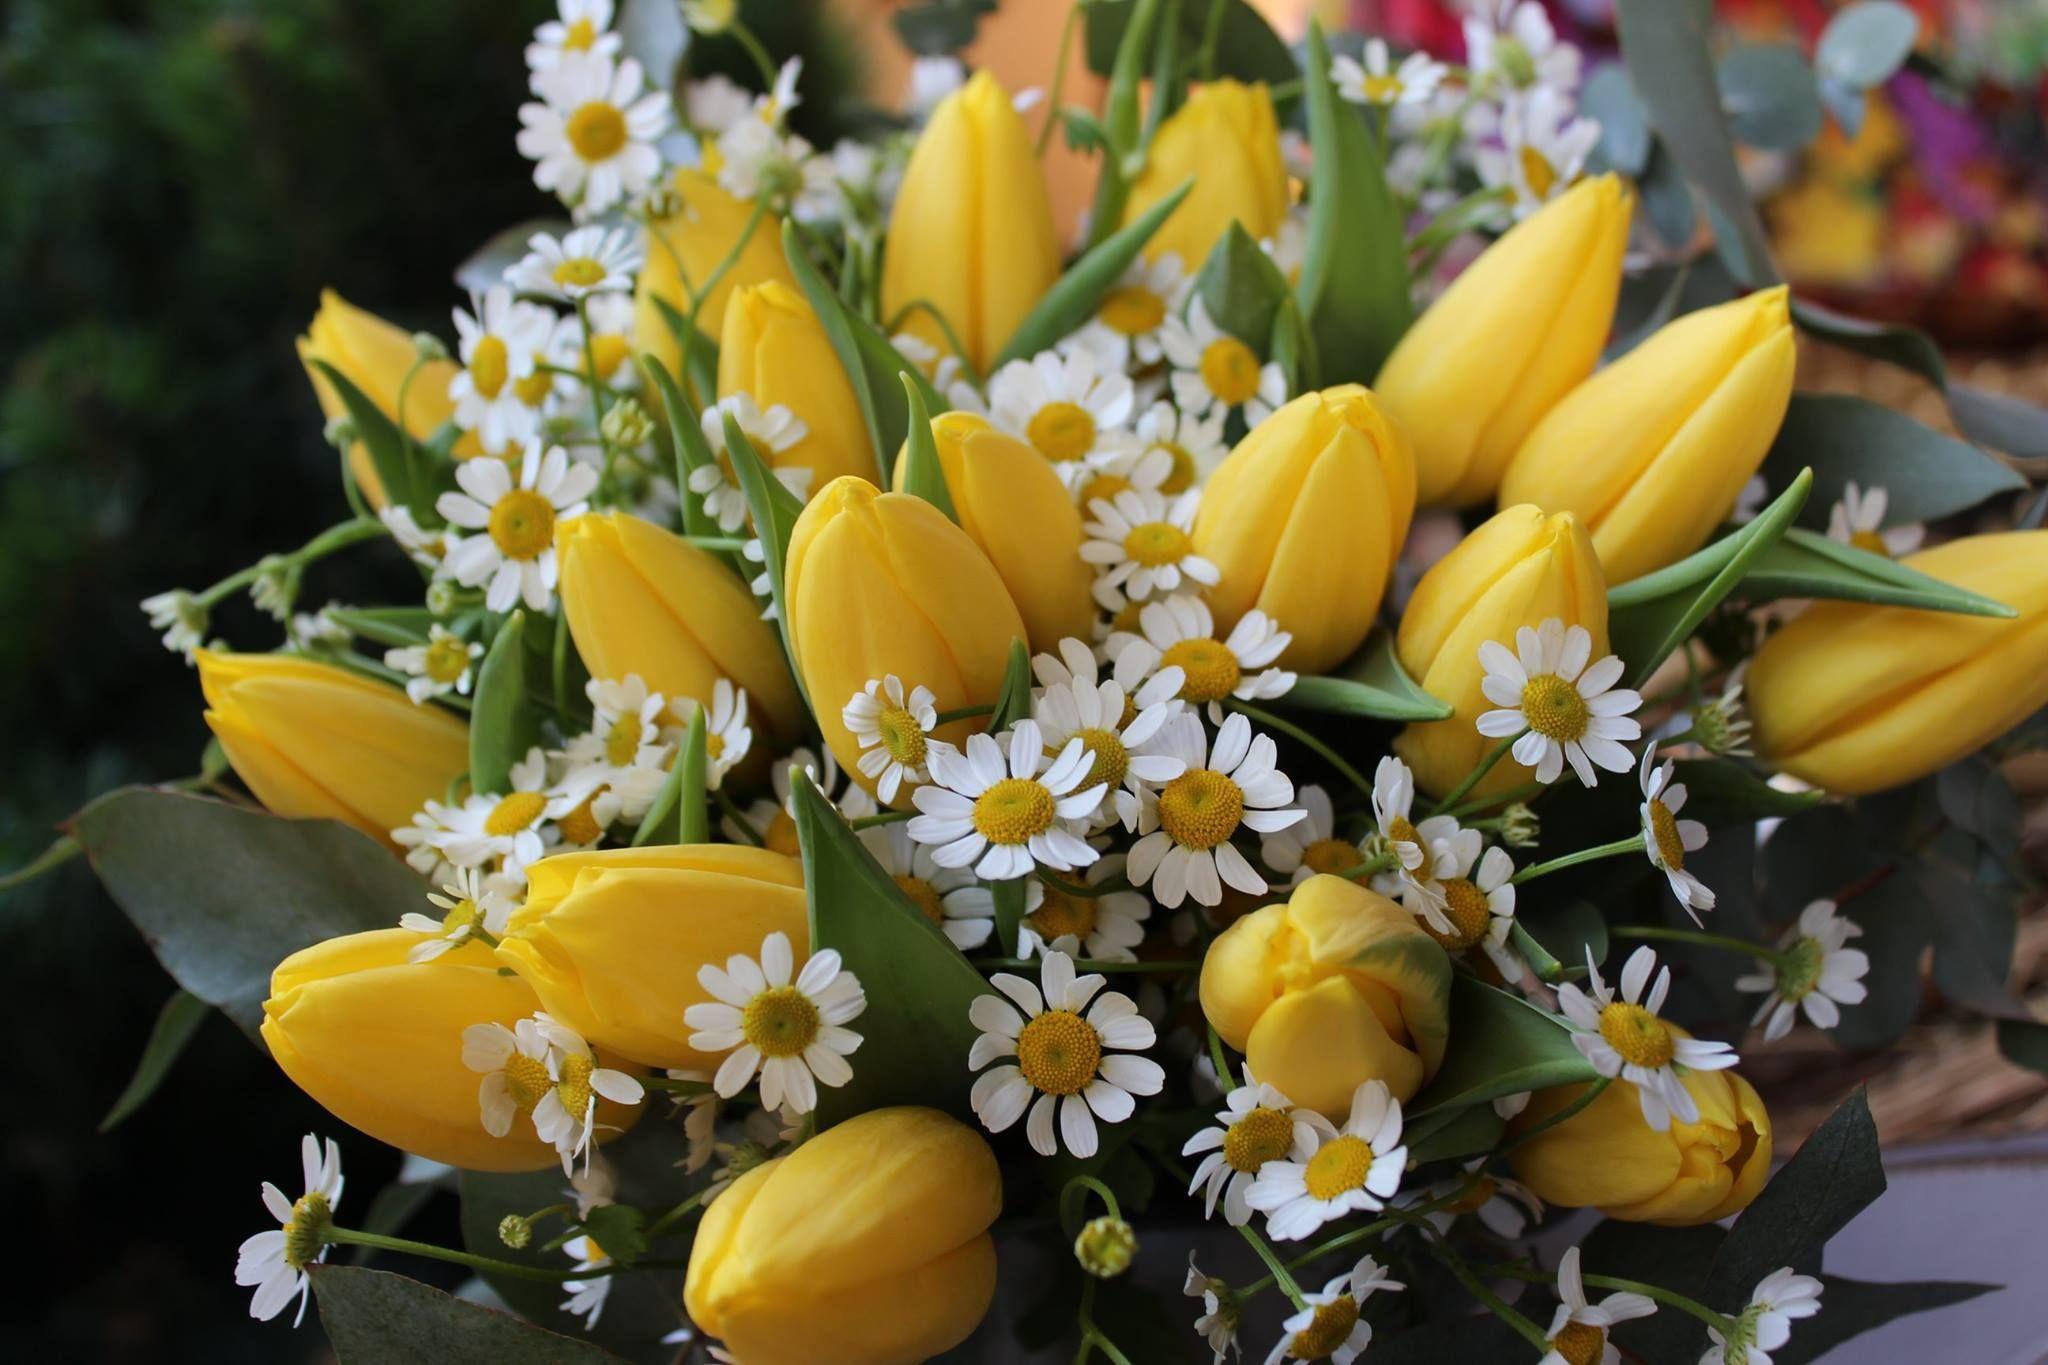 Kytica z tulipánov a kamiliek 28 € http://www.kvetysilvia.sk/donaskova-sluzba/